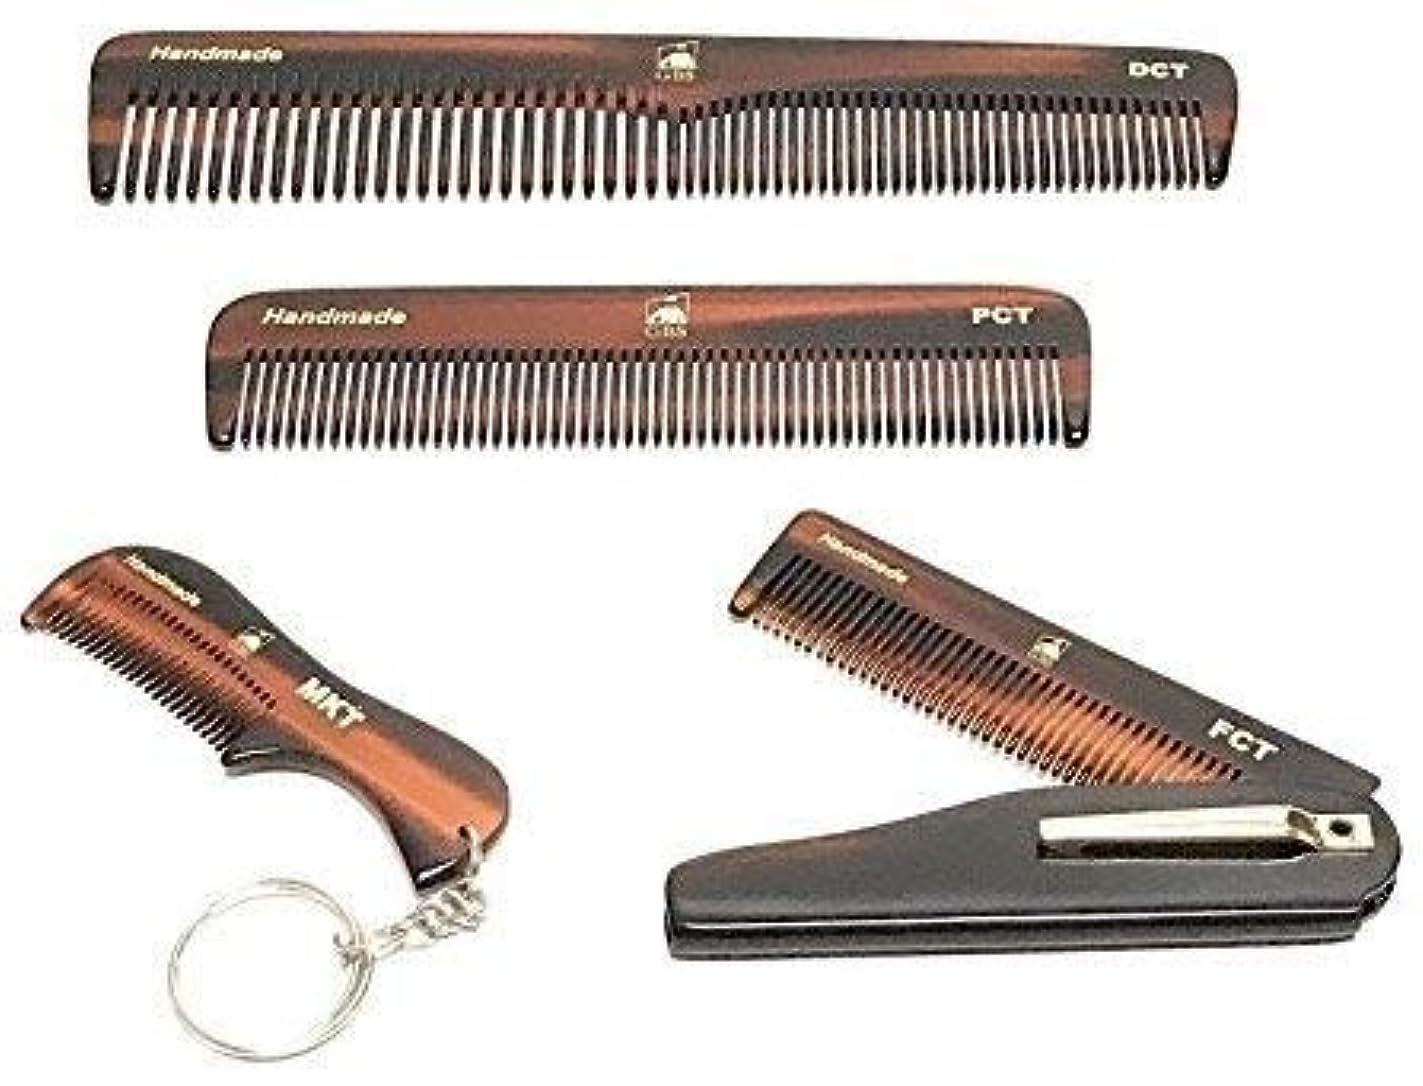 スペース命題喜劇GBS Handmade Styling Anti-Static No Snag Saw-cut Teeth Grooming Hair and Beard Comb Set - For Mens Care - Dressing...